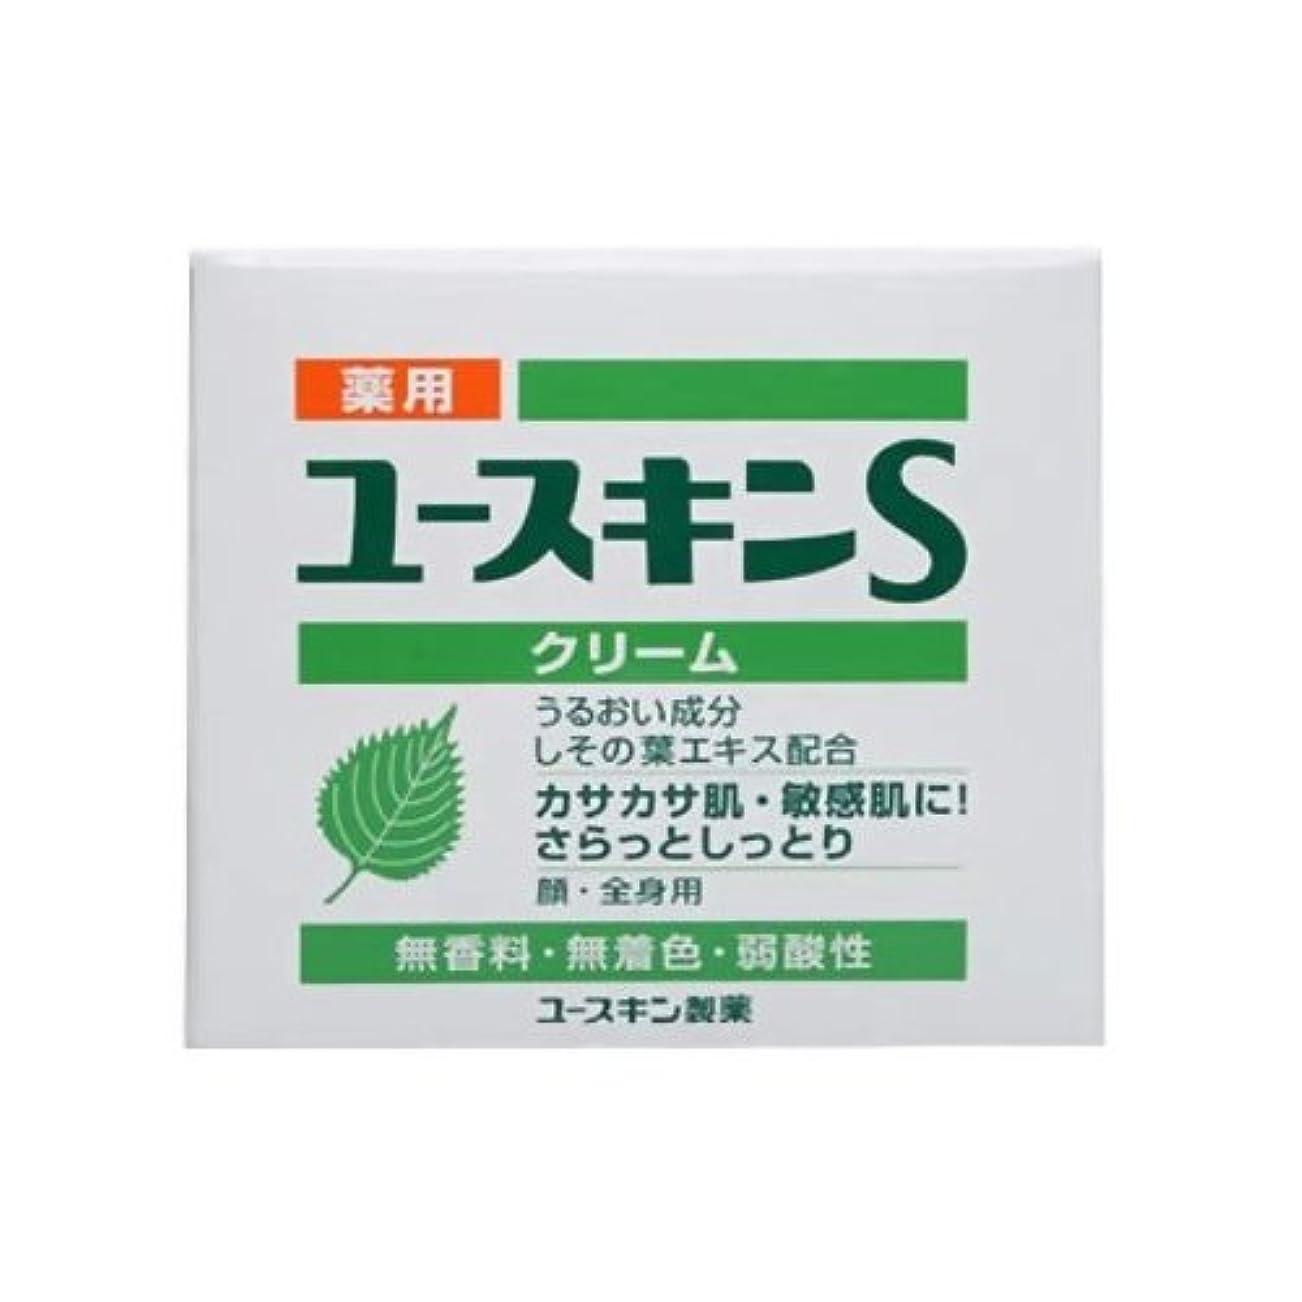 航海植物学者展示会薬用ユースキンS クリーム 70g (敏感肌用 保湿クリーム) 【医薬部外品】